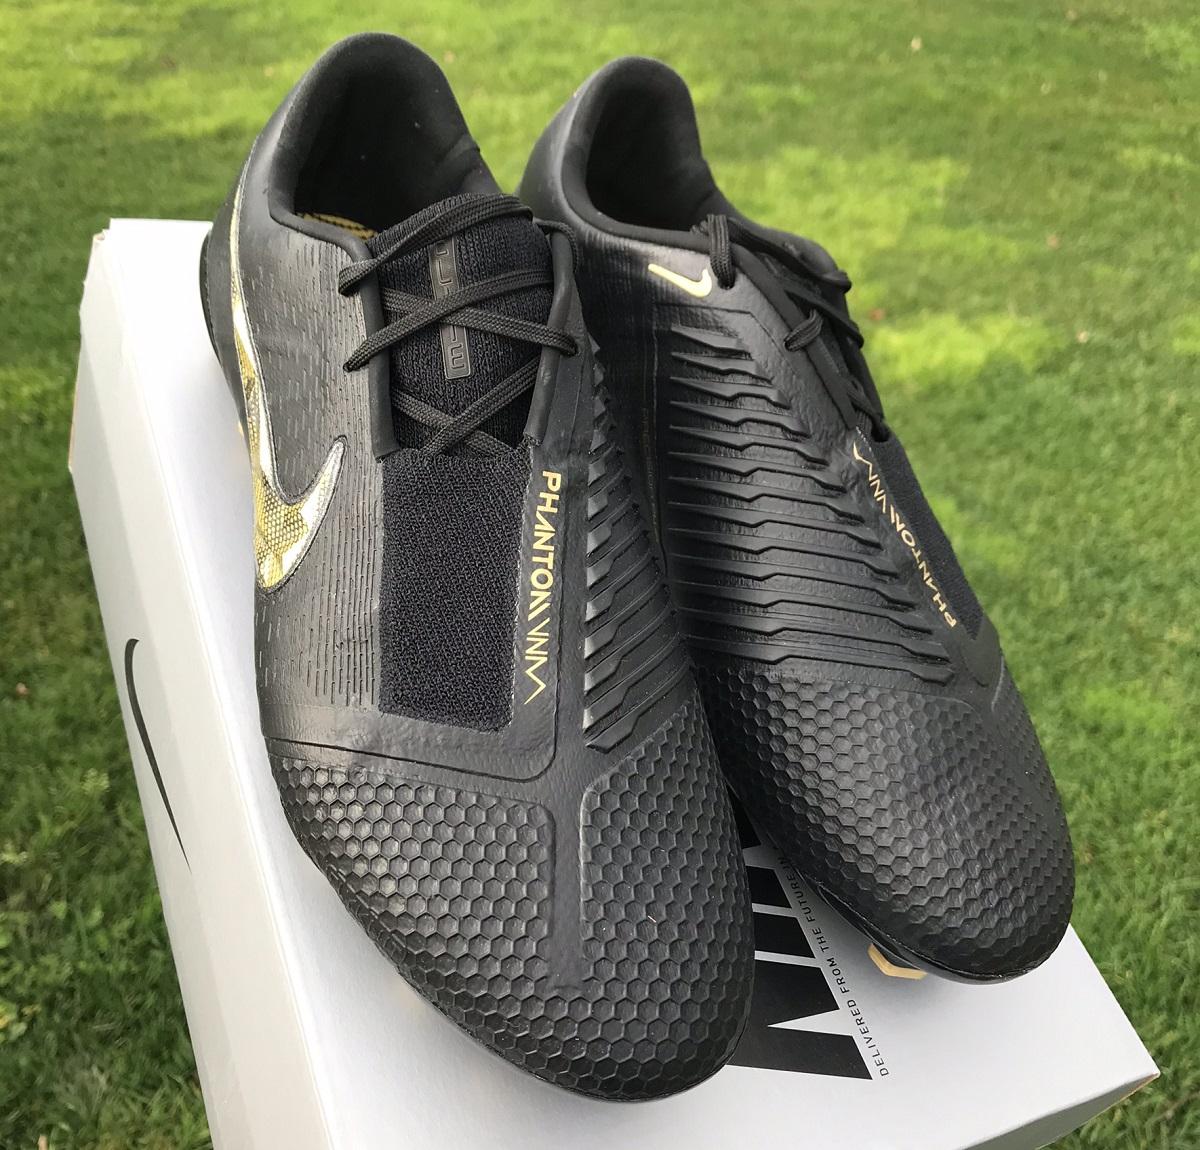 c56532c8d Nike PhantomVNM Elite Boot Review | Soccer Cleats 101